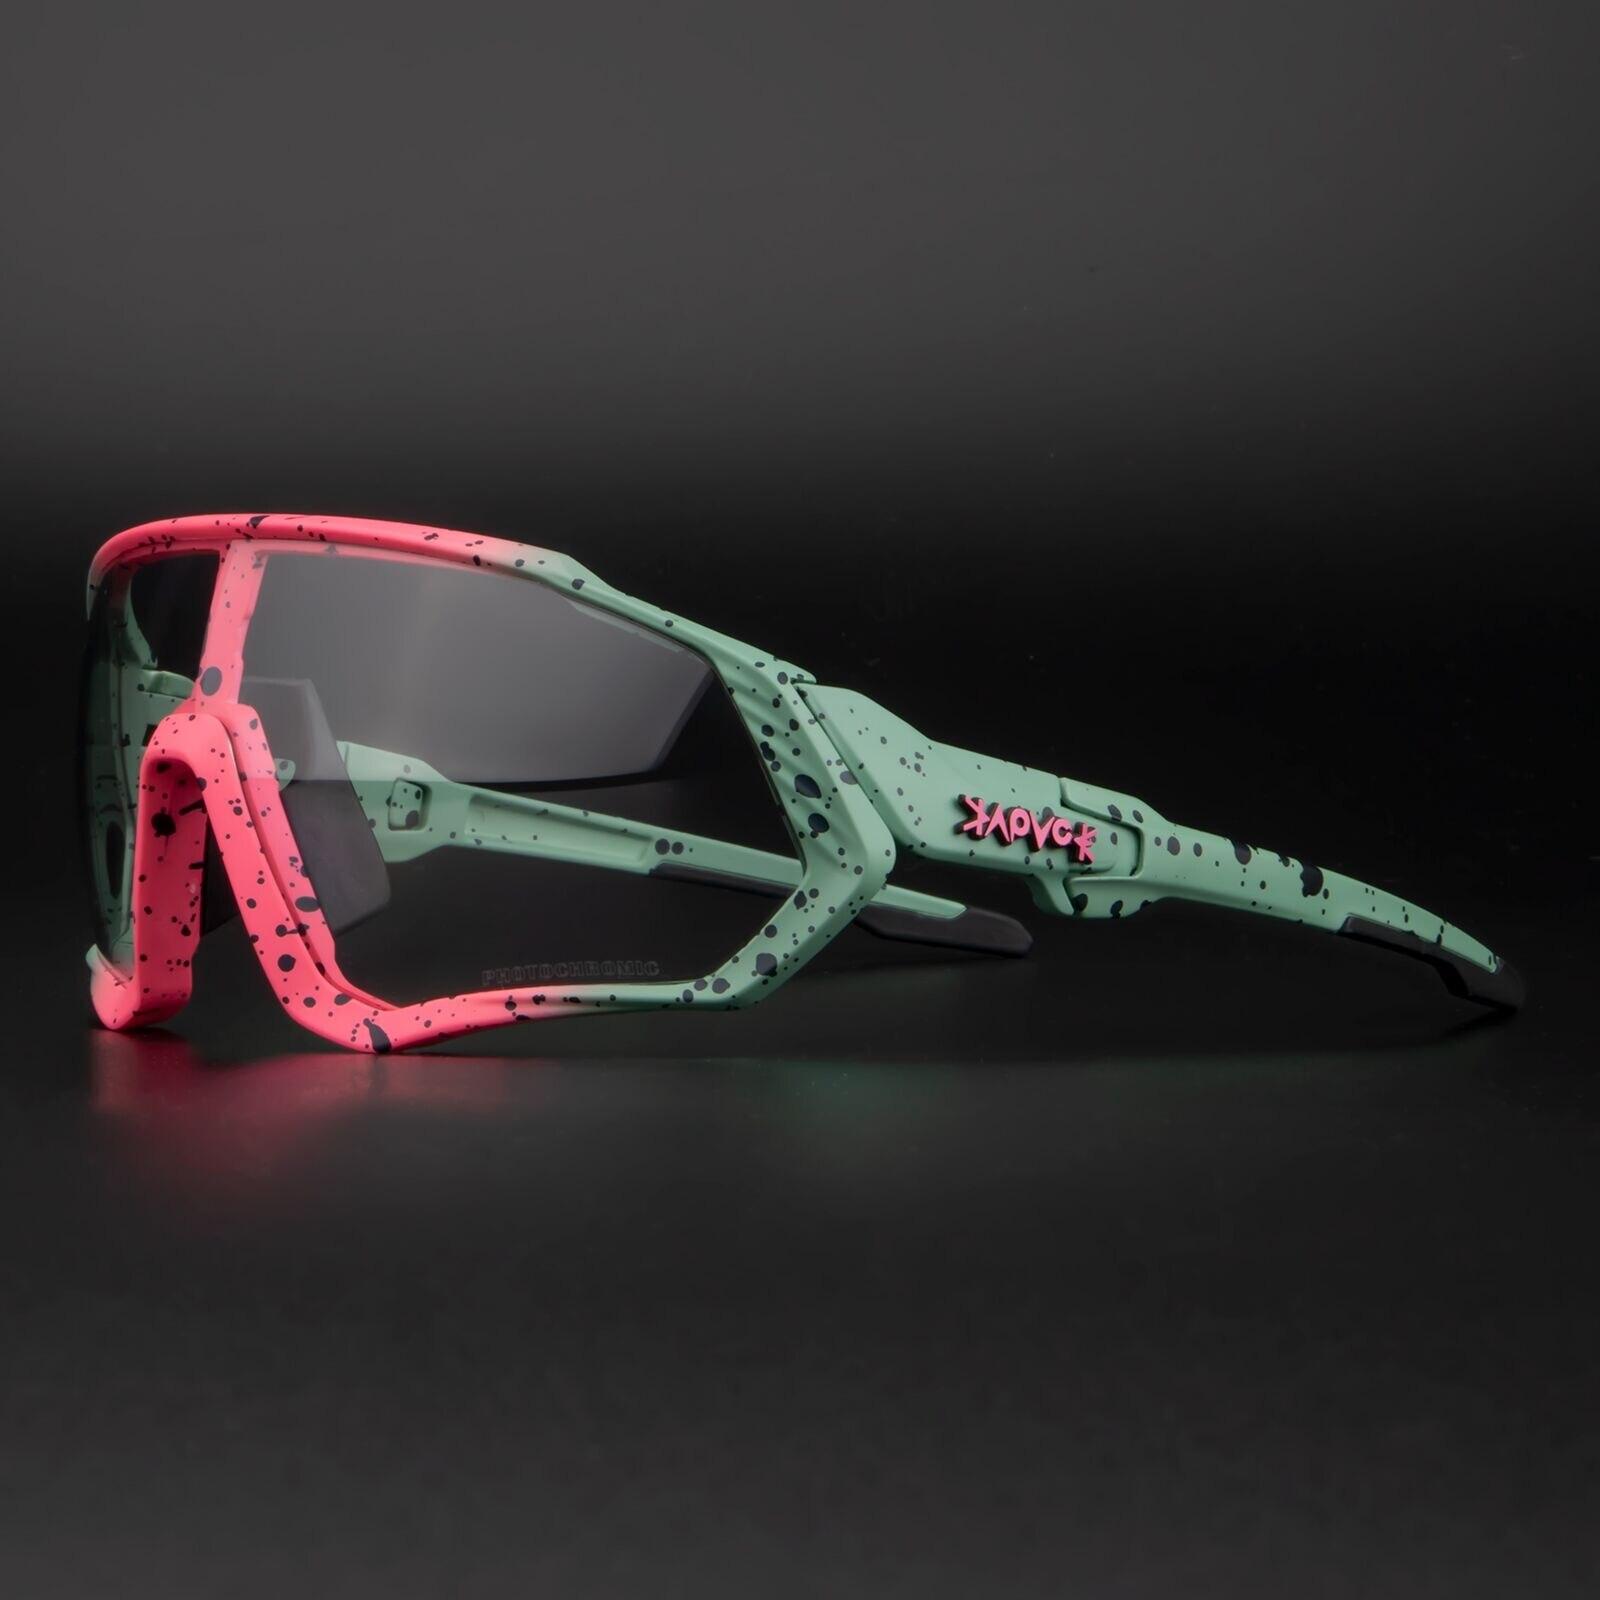 Occhiali da Ciclismo fotocromatici uomo e donna sport all'aria aperta occhiali da bicicletta occhiali da sole per bici occhiali occhiali Gafas Ciclismo 1 lente 1